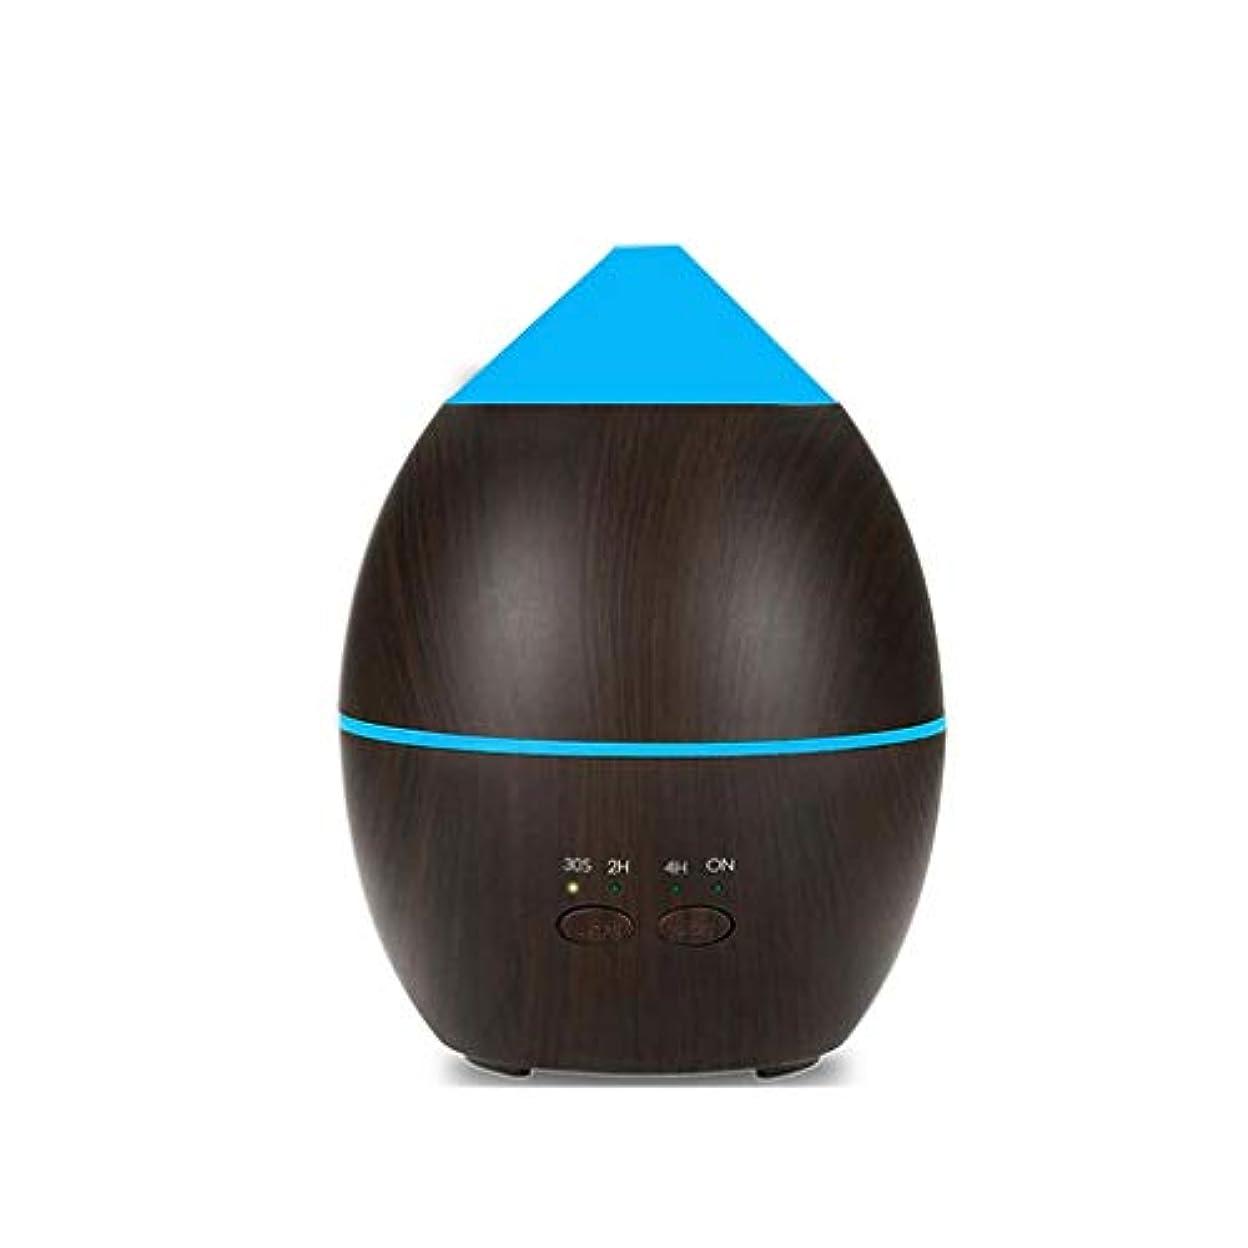 追放する民間ひいきにする加湿器水滴モデル300ミリリットル加湿器リモコンusb 300ミリリットル、木目 (Color : Brown)